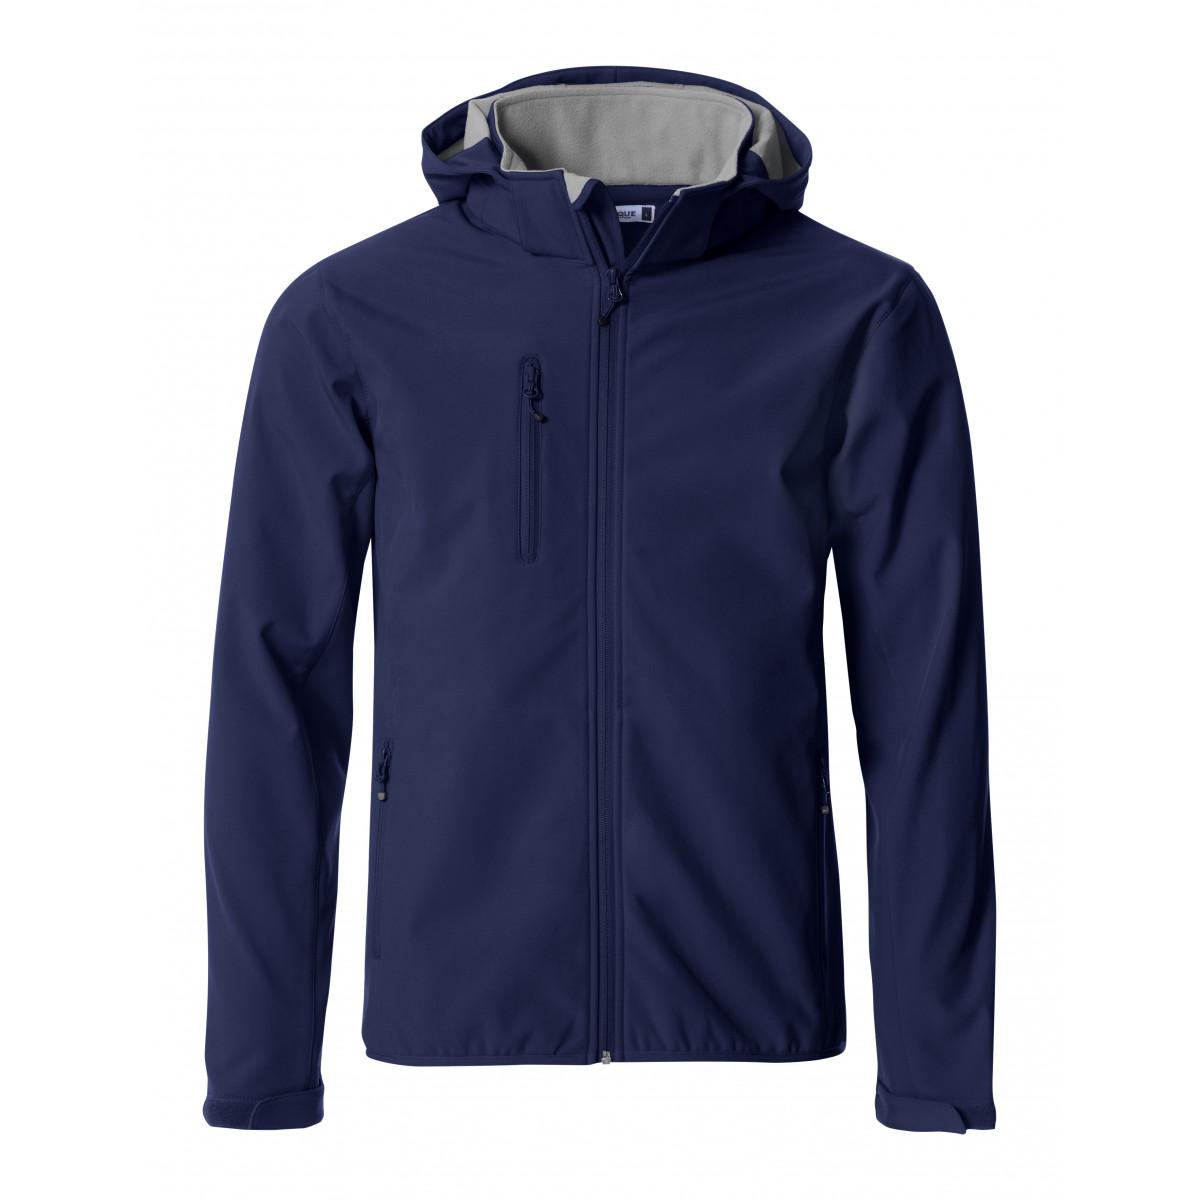 Ветровка мужская 020912 Basic Hoody Softshell - Темно-синий